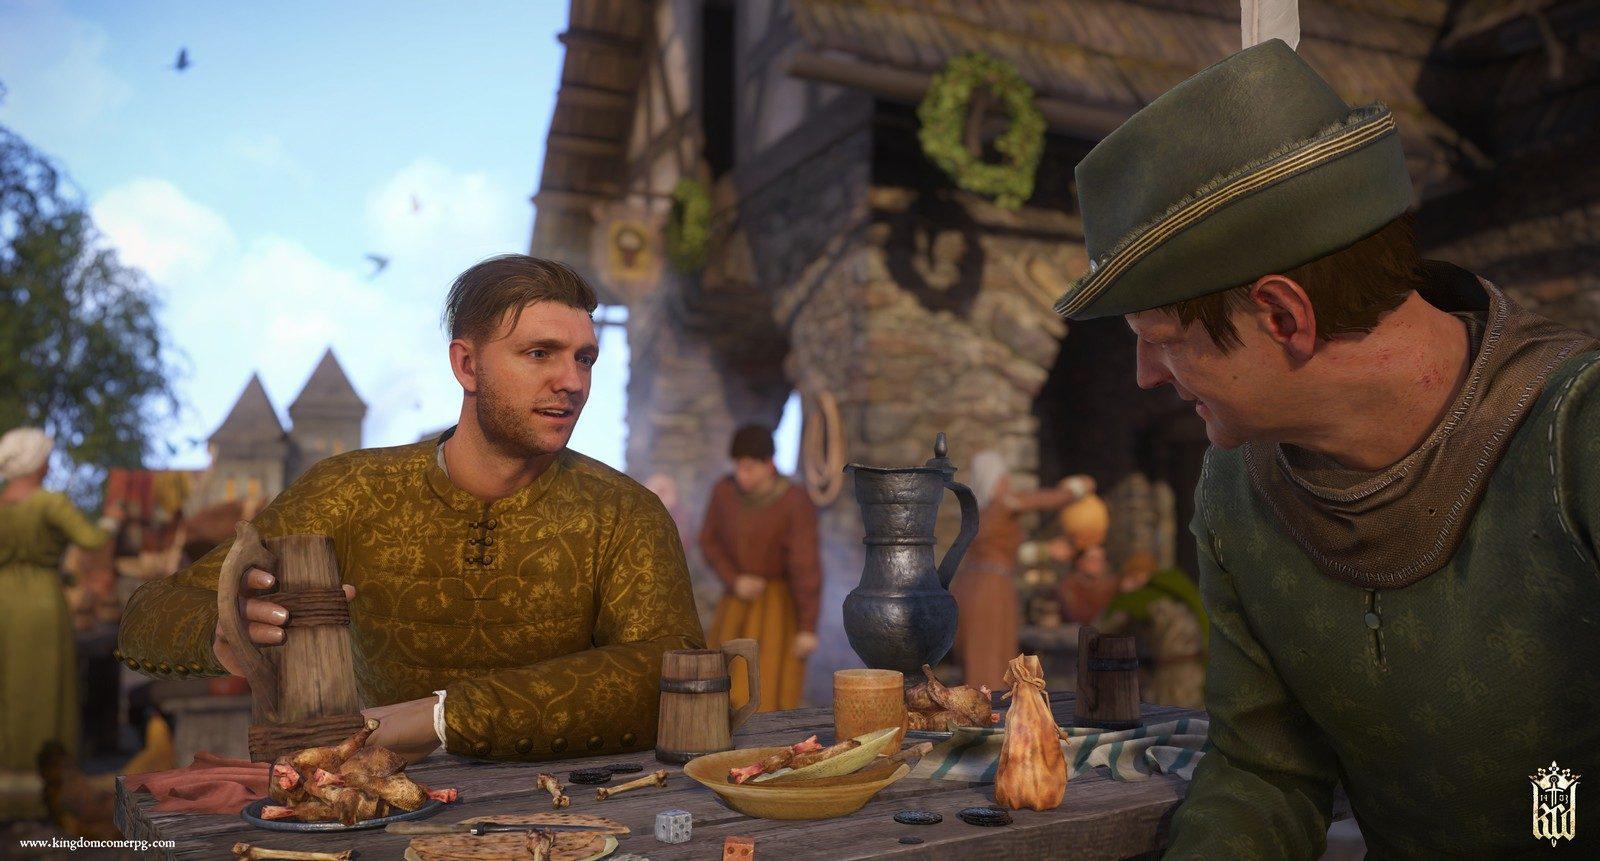 Auch das Trinken und Essen ist ein wichtiger Bestandteil des Spiels